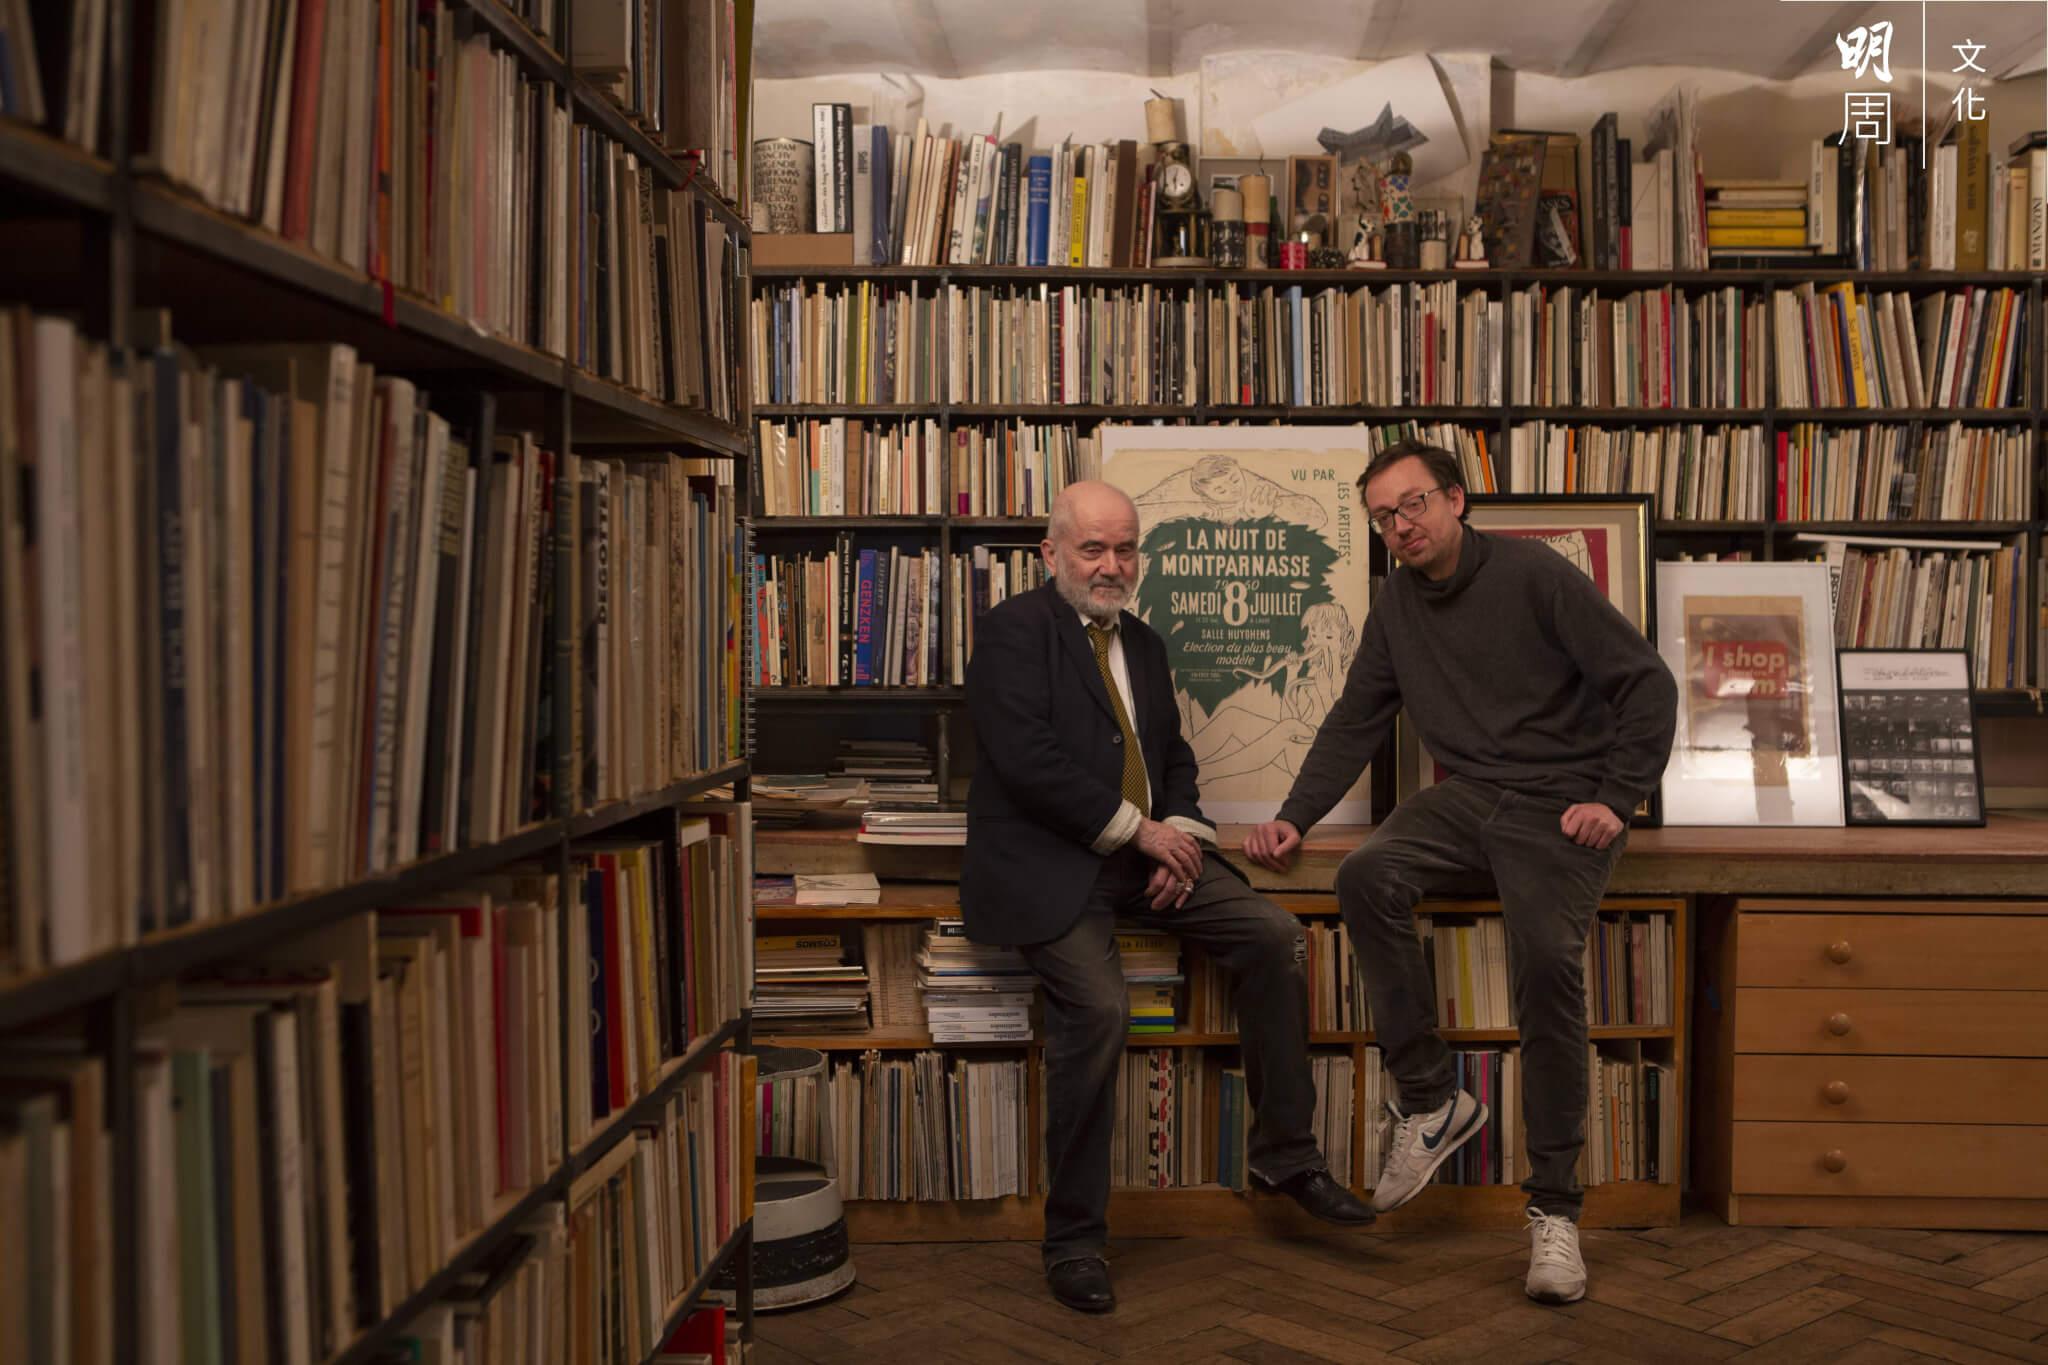 Florian de Vaulchier(左)和Felix de Vaulchier(右)兩父子共同經營書店,見證蒙帕納斯變遷。